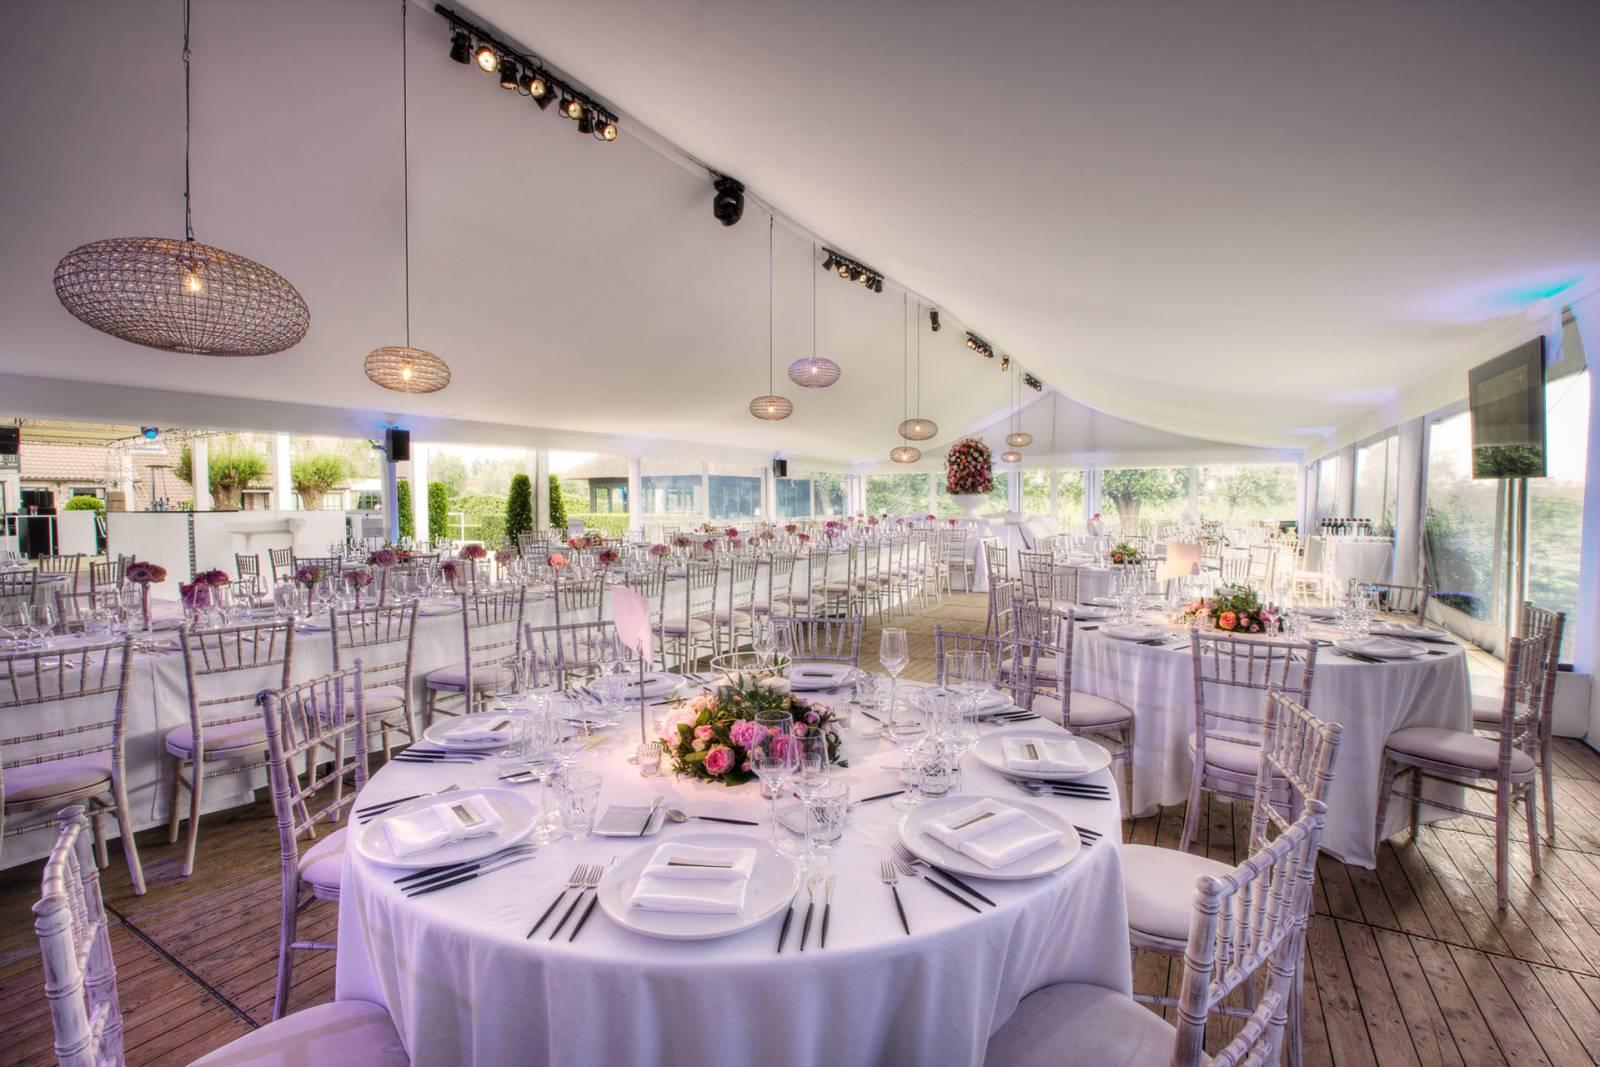 Europatenten Mei 2017 - House of Weddings -07